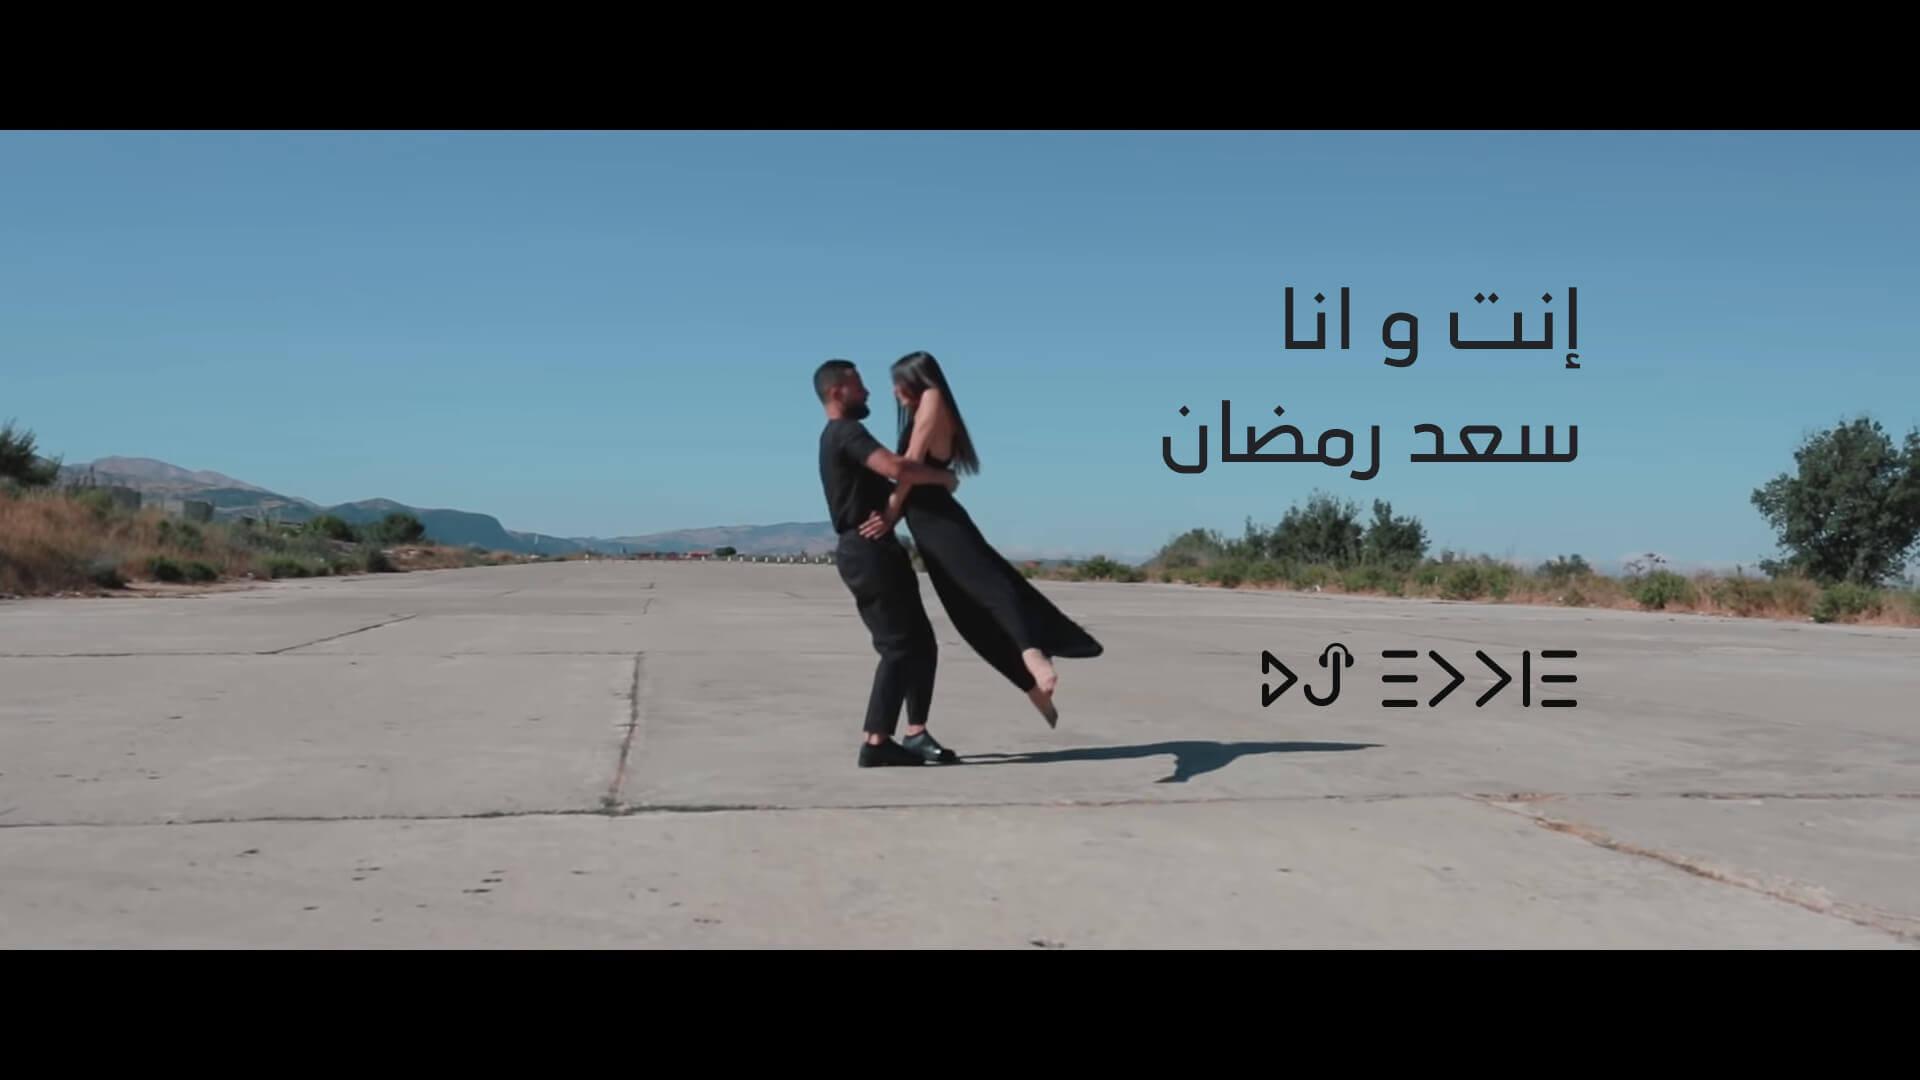 سعد رمضان - إنت و انا Saad Ramadan - Inti Wana